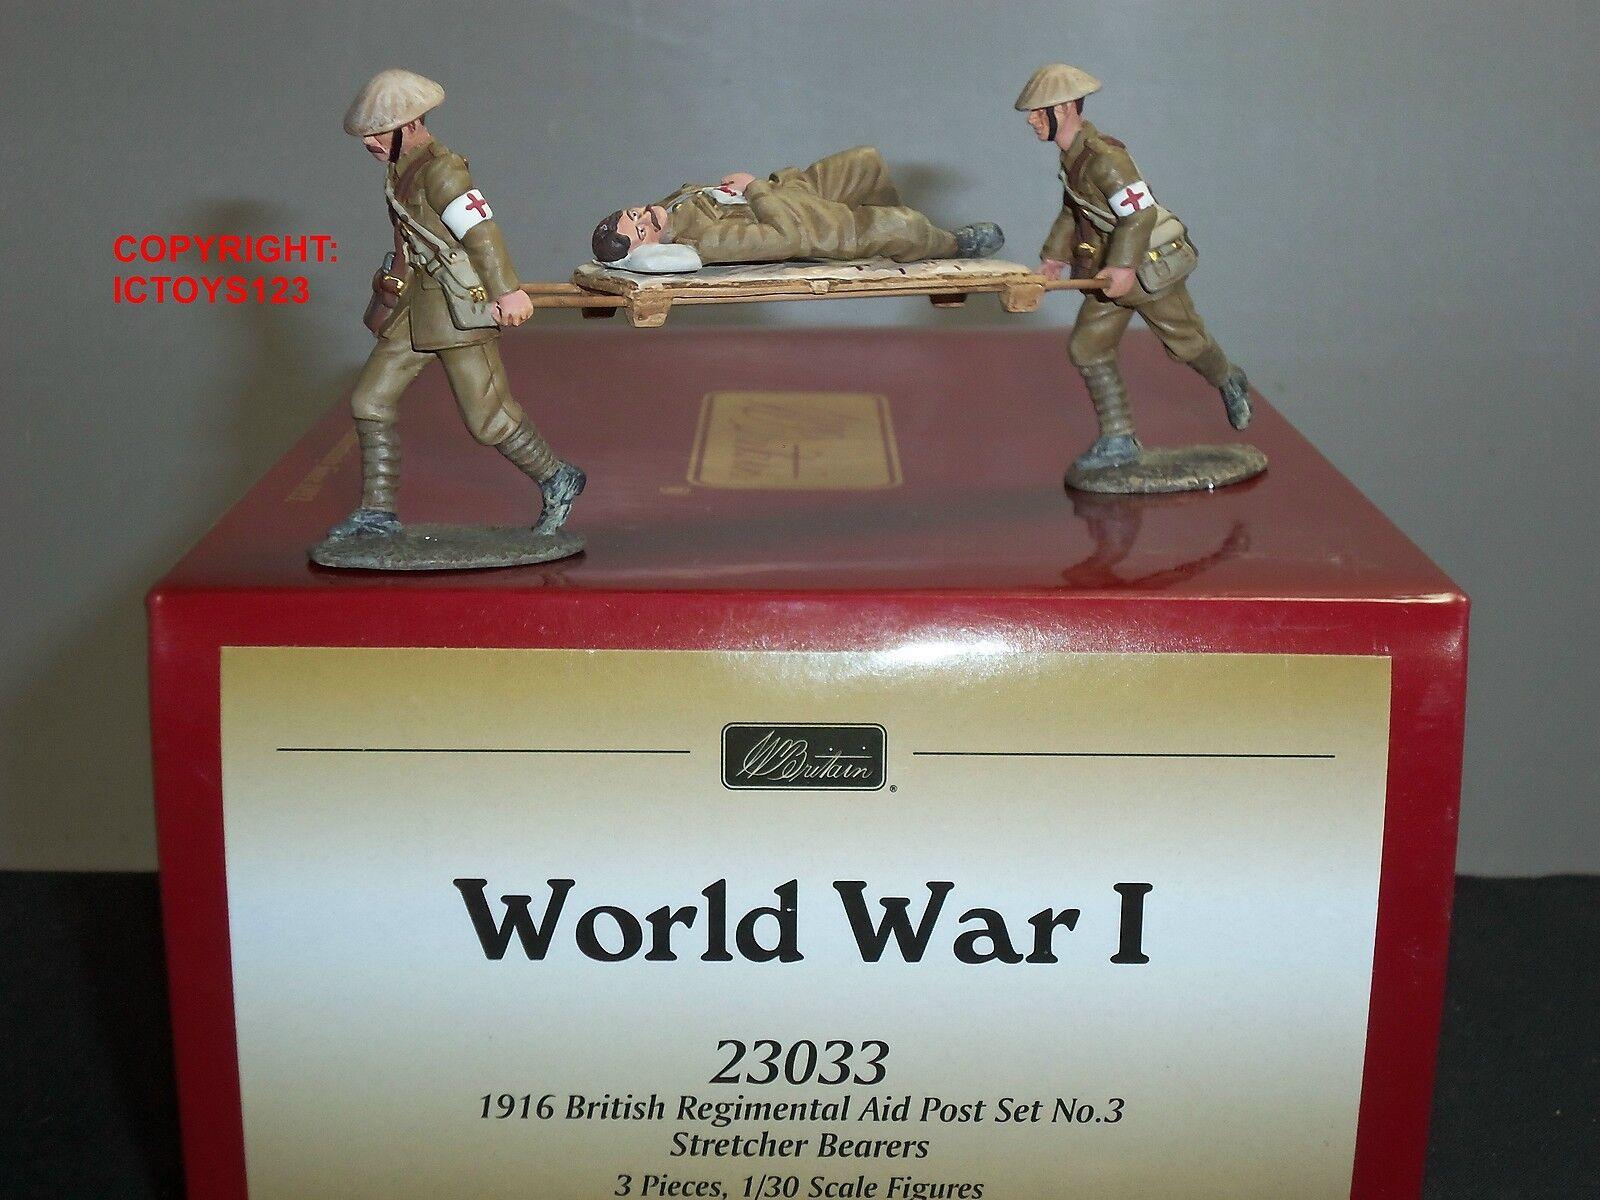 BRITAINS 23033 WORLD WAR ONE BRITISH REGIMENTAL AID POST STRETCHER BEARER SET